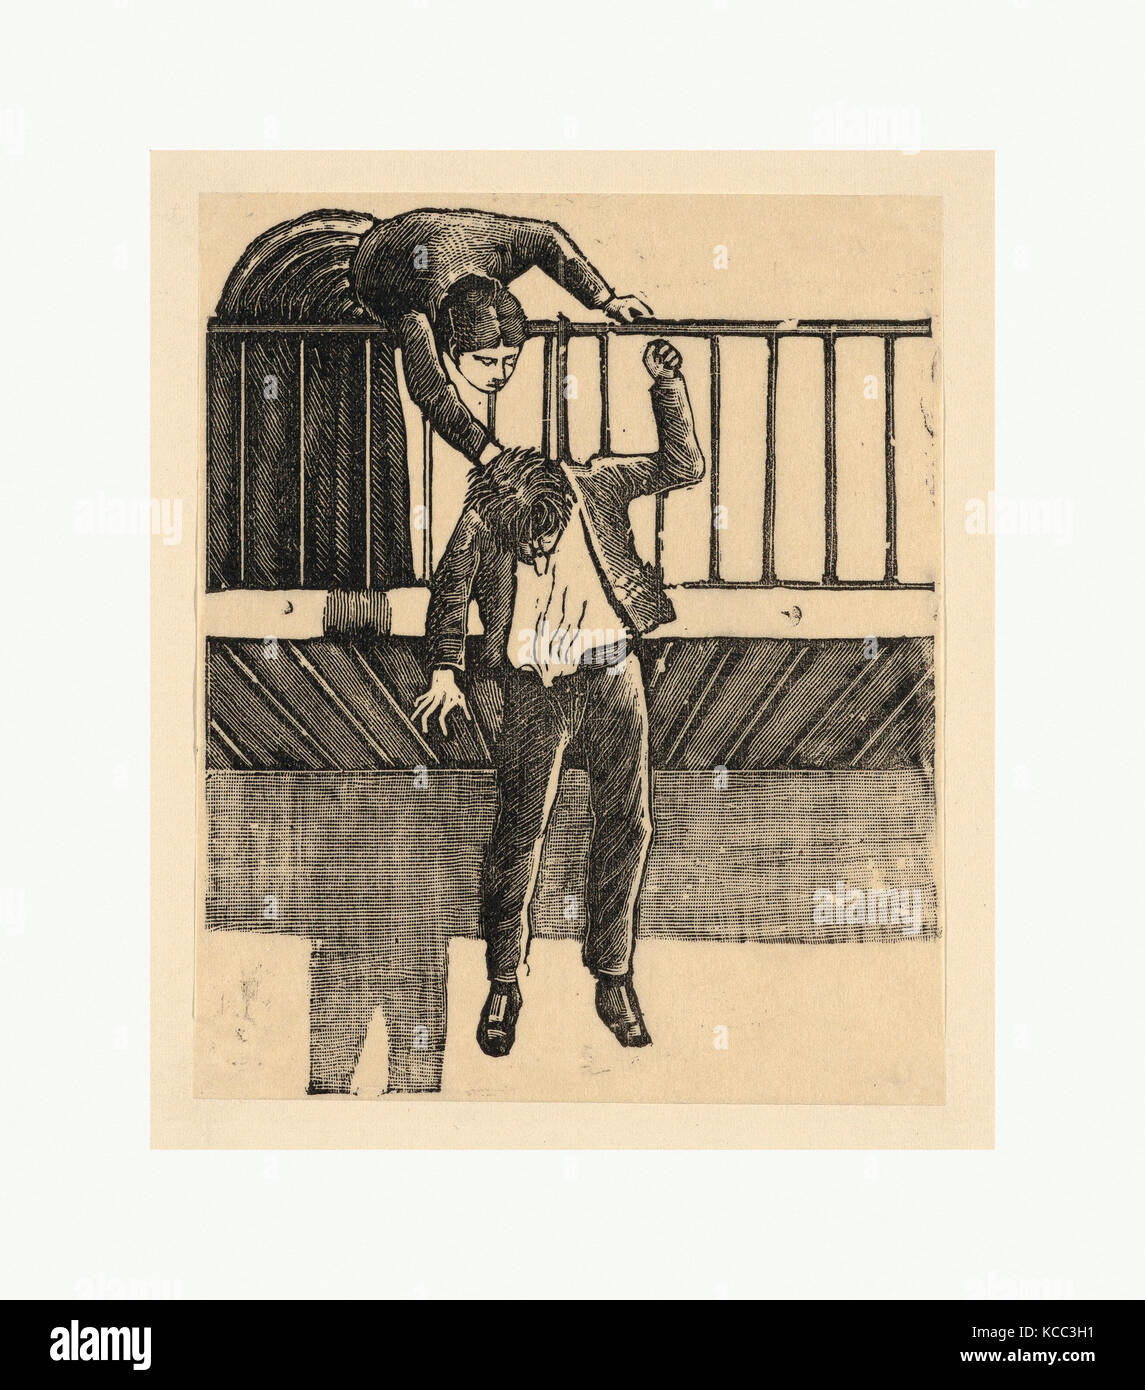 Dibujos y estampas, imprimir una mujer descubriendo un hombre que se ha suicidado colgándose desde un balcón Imagen De Stock